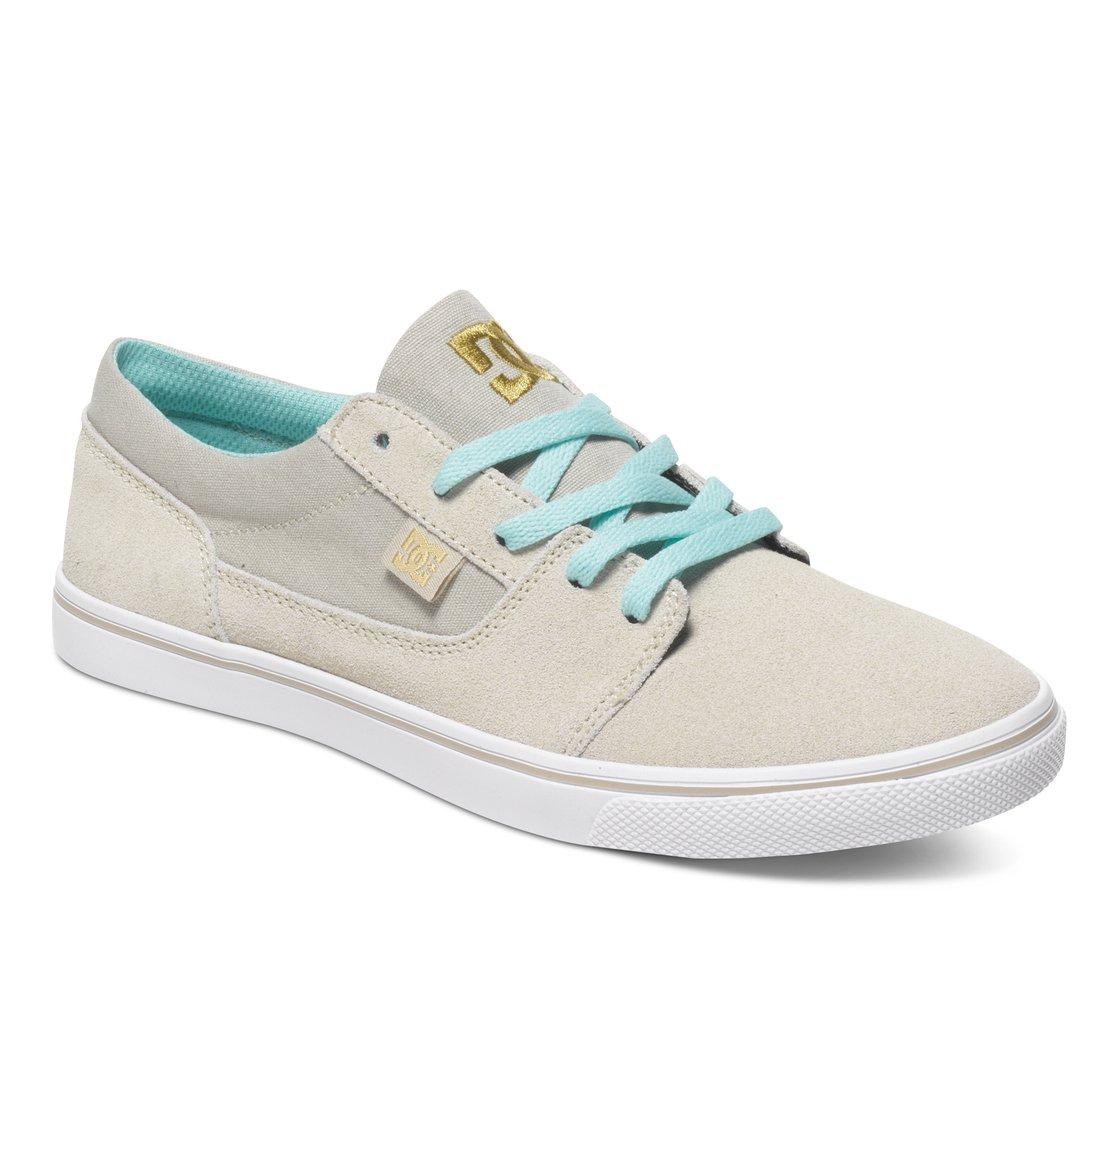 Tonik Dc Shoes Taille